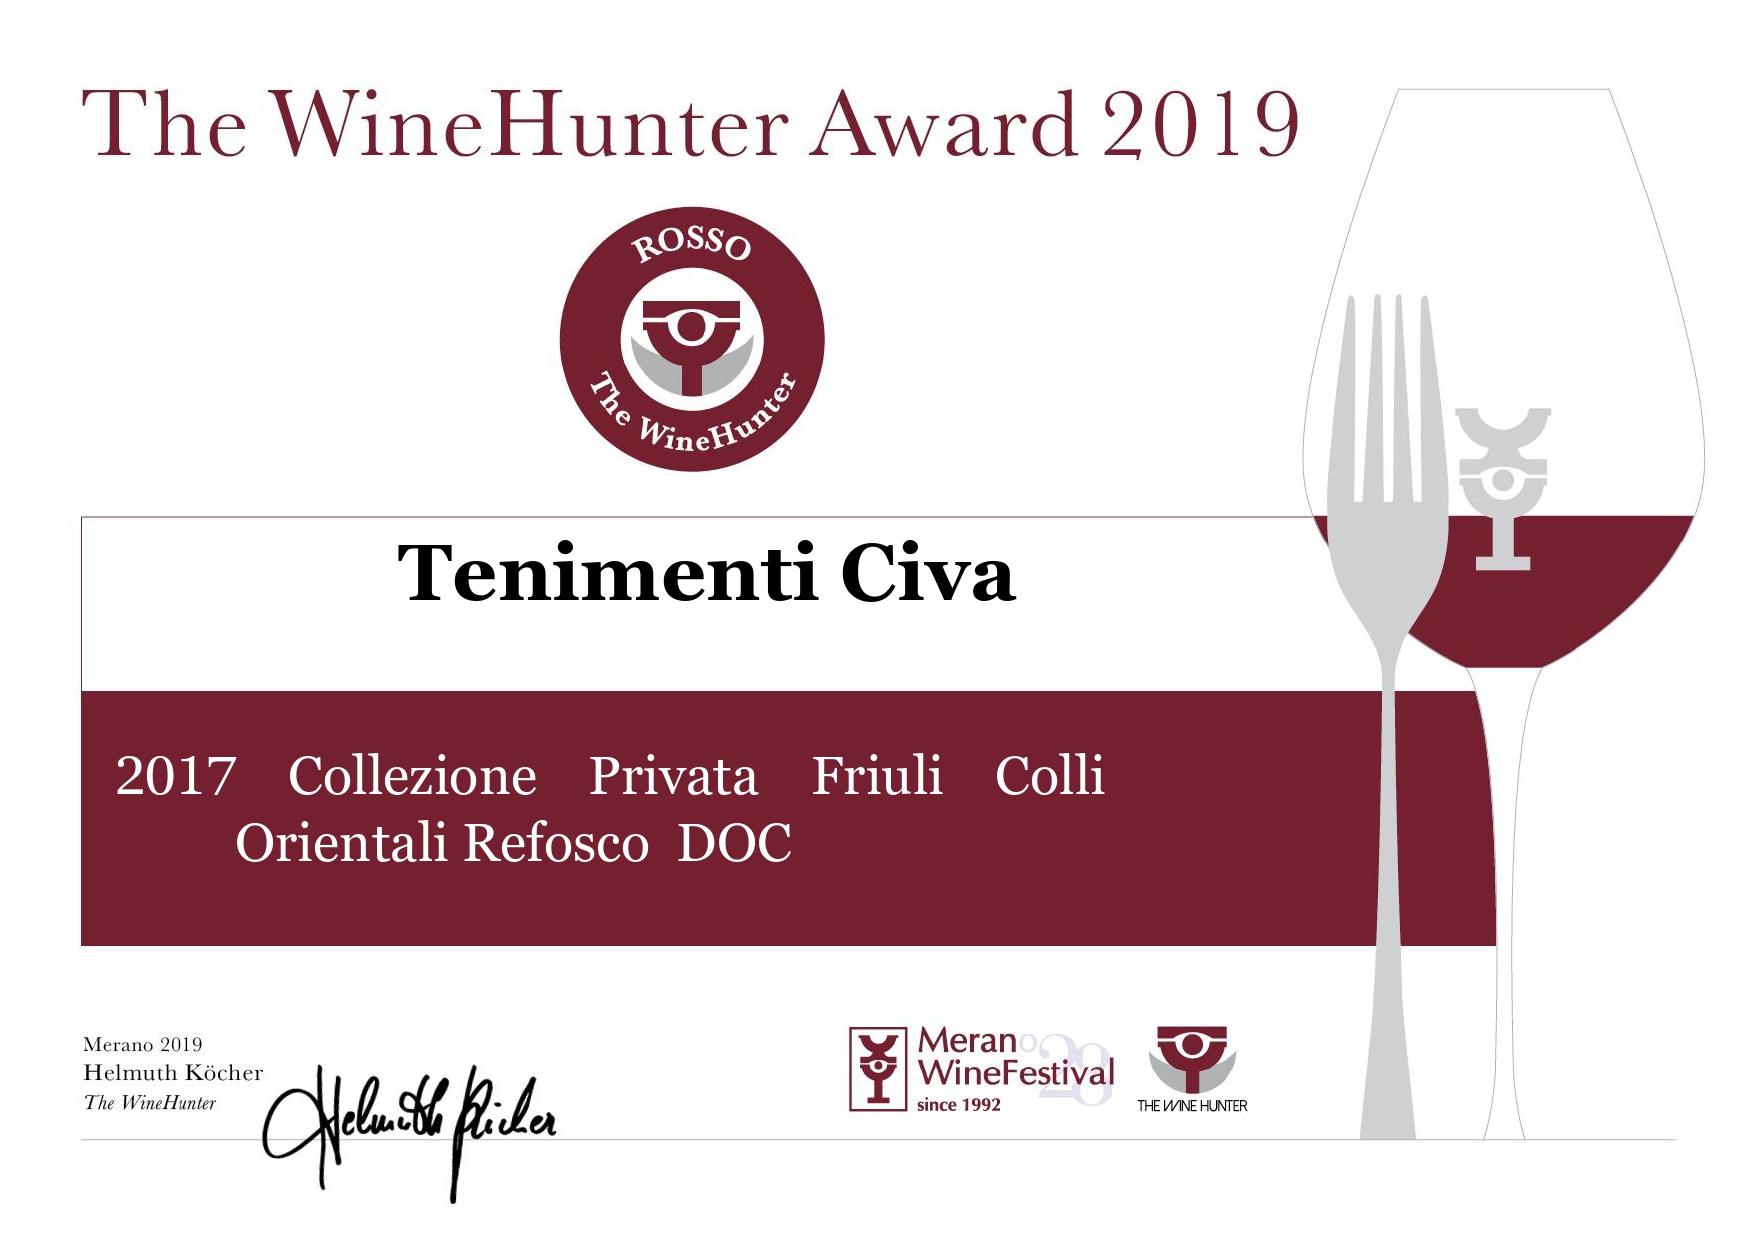 Premio d'eccellenza per il Refosco dal peduncolo rosso 2017 Tenimenti Civa Doc Friuli Colli Orientali